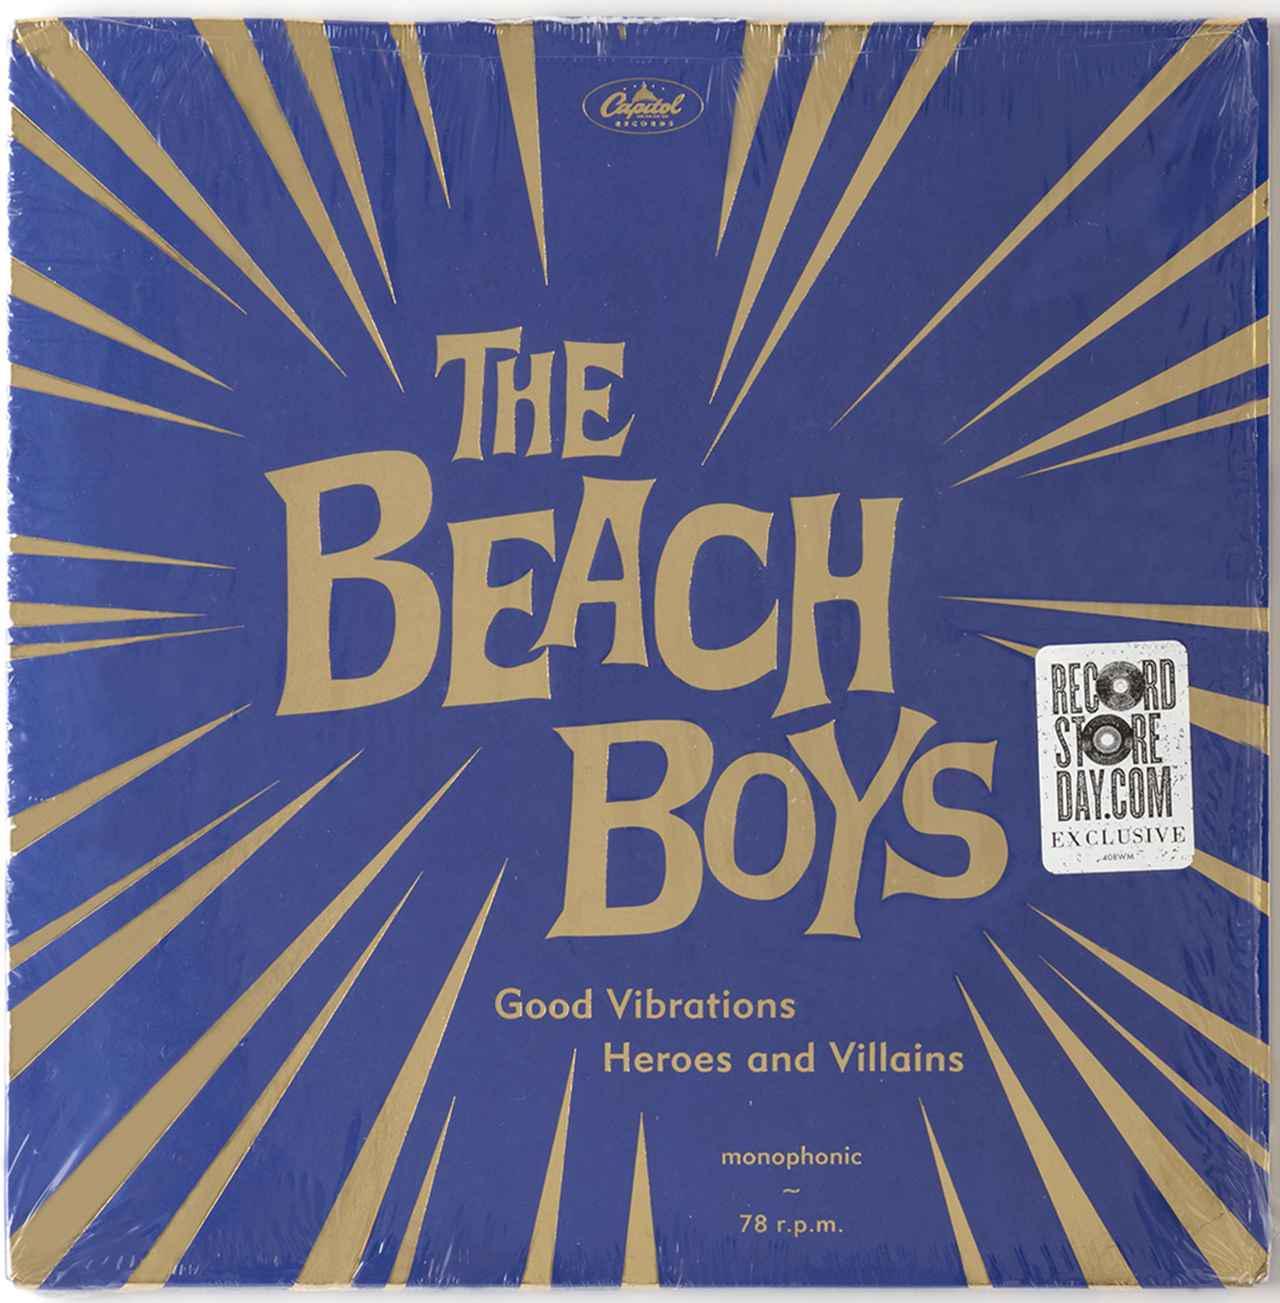 画像: Good Vibrations/Heroes And Villains』 The Beach Boys LP(Capitol Records 509990 98341 18)10インチ・2枚組